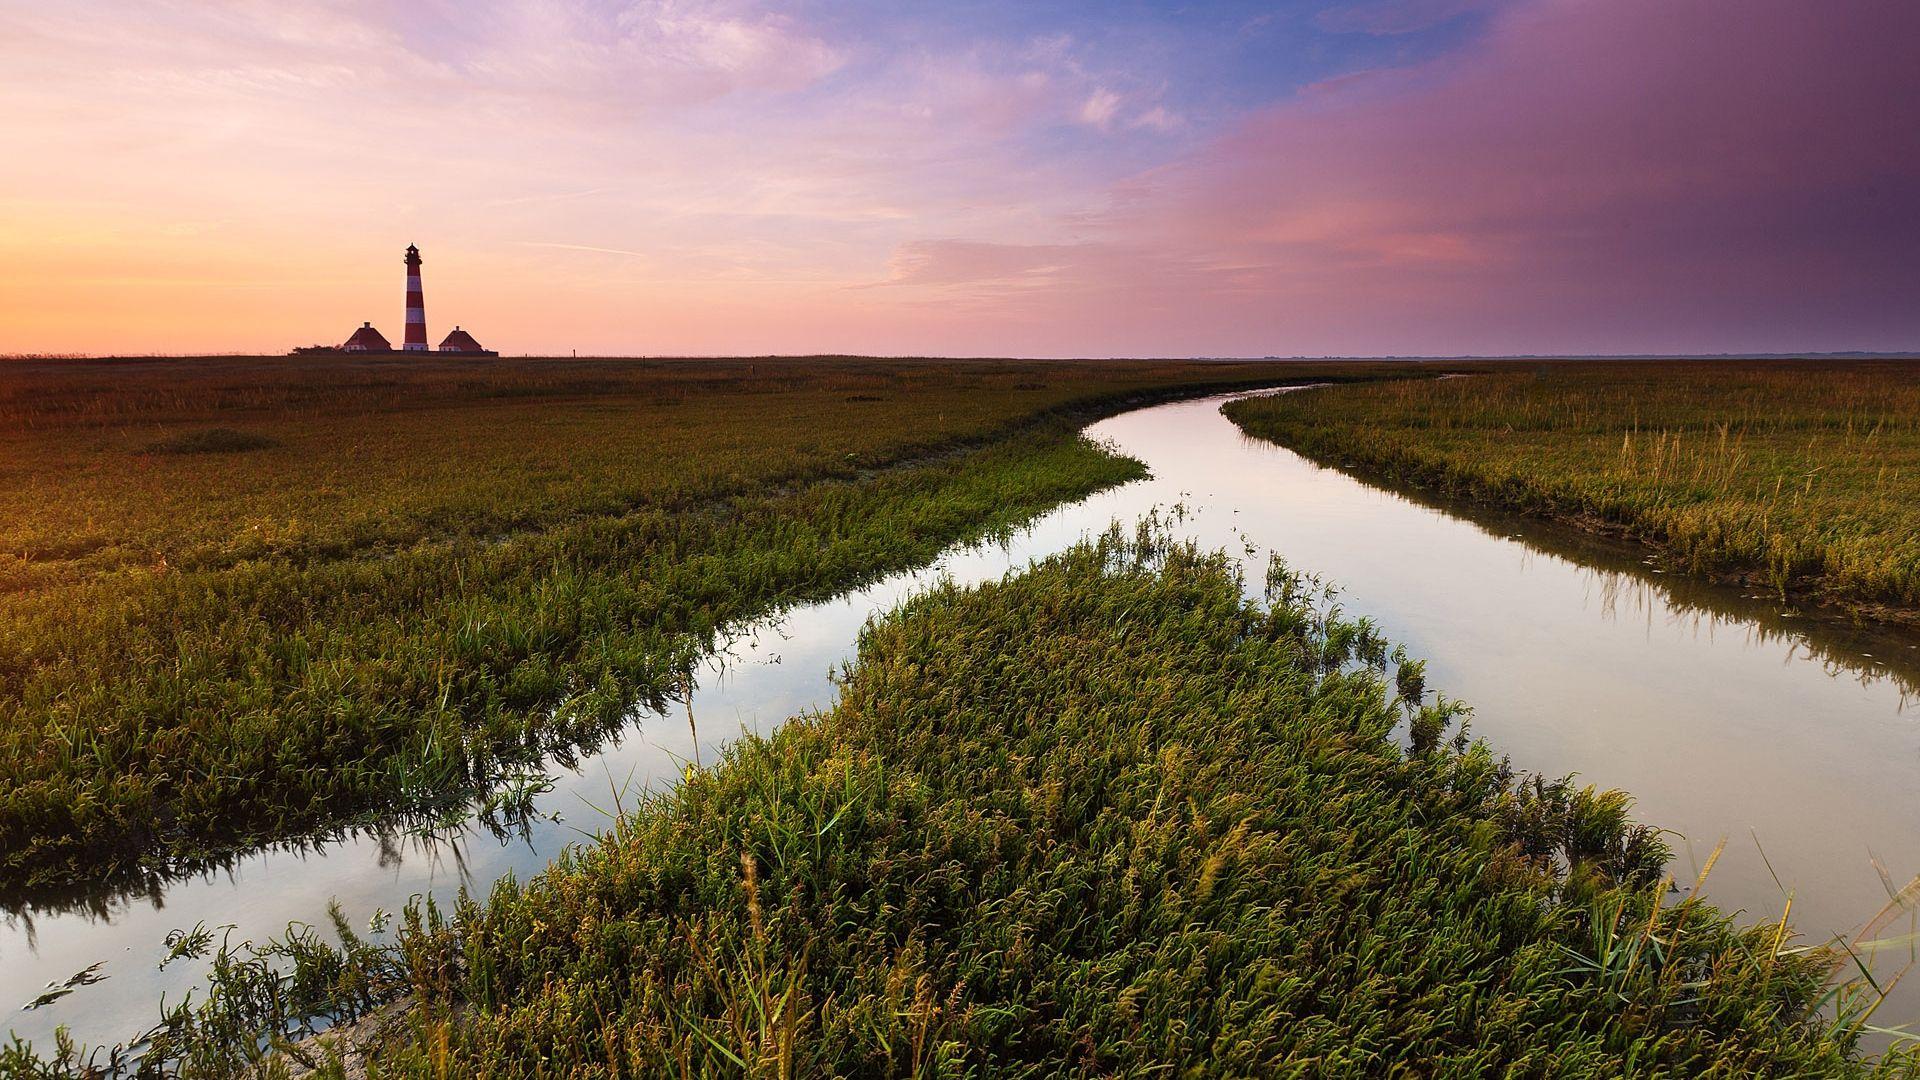 field, channel, water - http://www.wallpapers4u.org/field-channel-water/